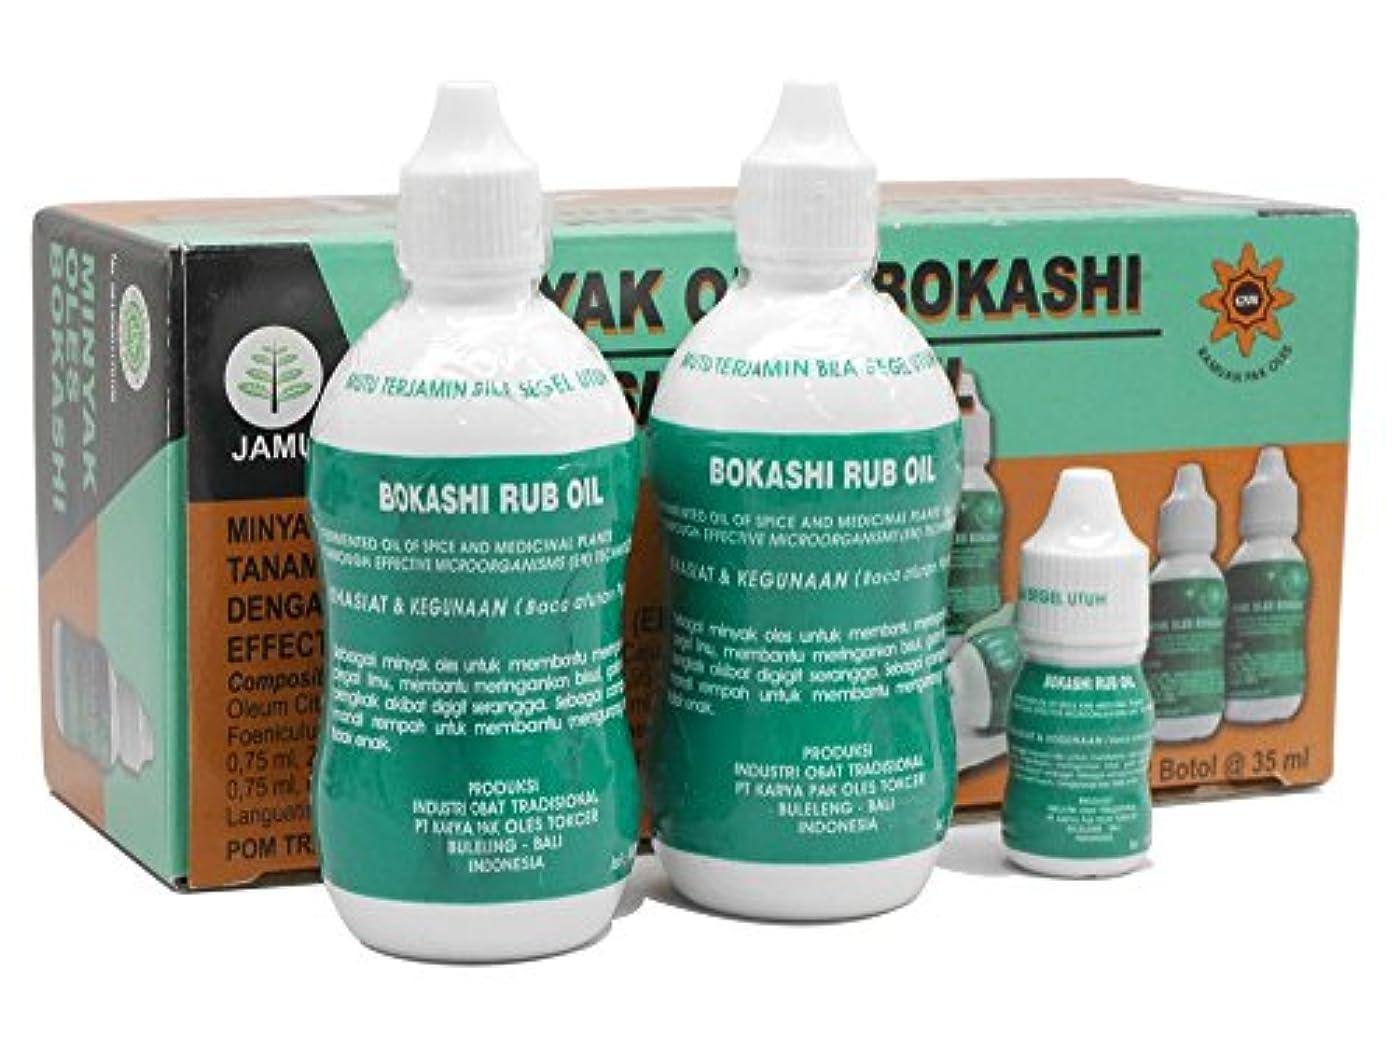 コンサートランチダムBOKASHI RUB OIL ボカシラブオイル 140ml (2本) 12ml (1本) 日本オリジナルモデル 日本正規代理店